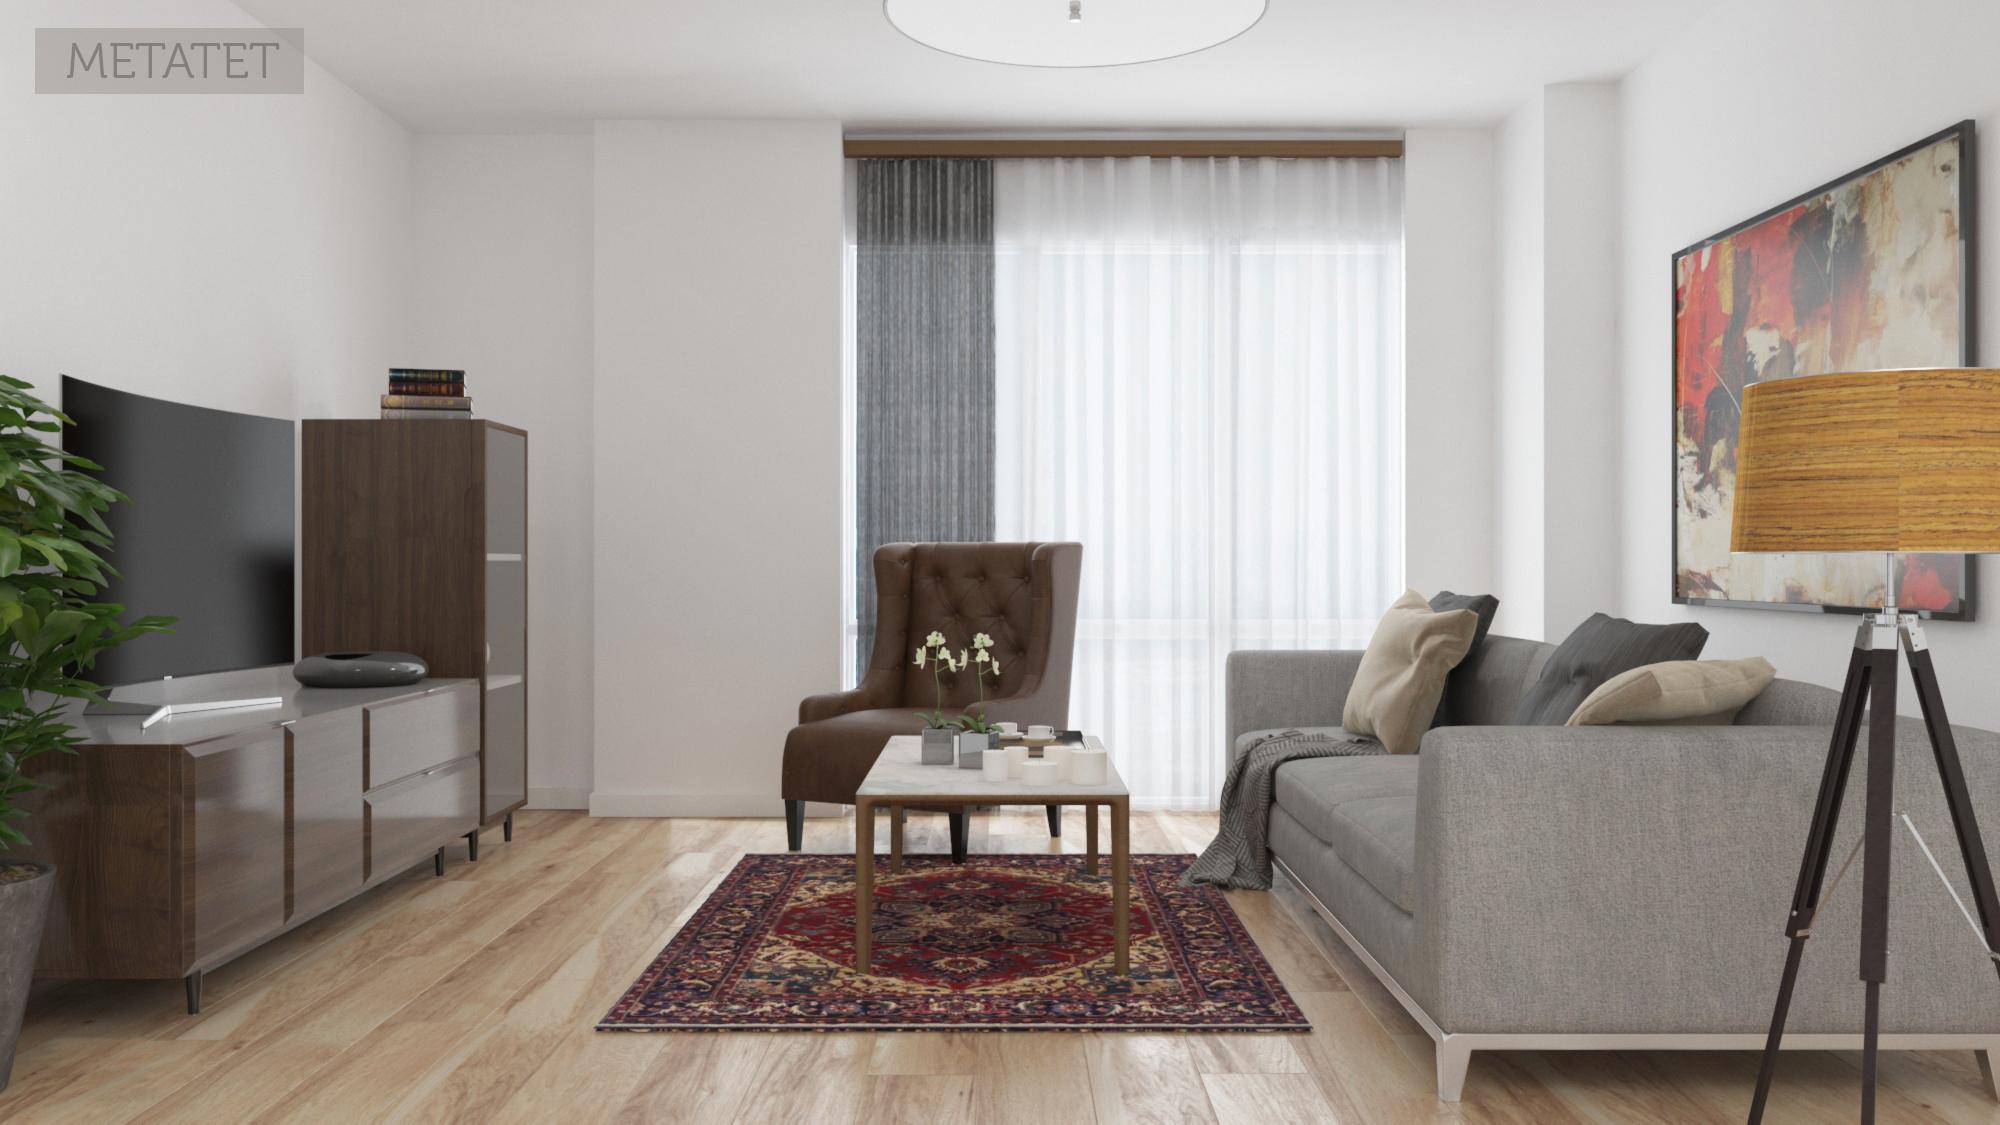 Private apartment 14 - Metatet